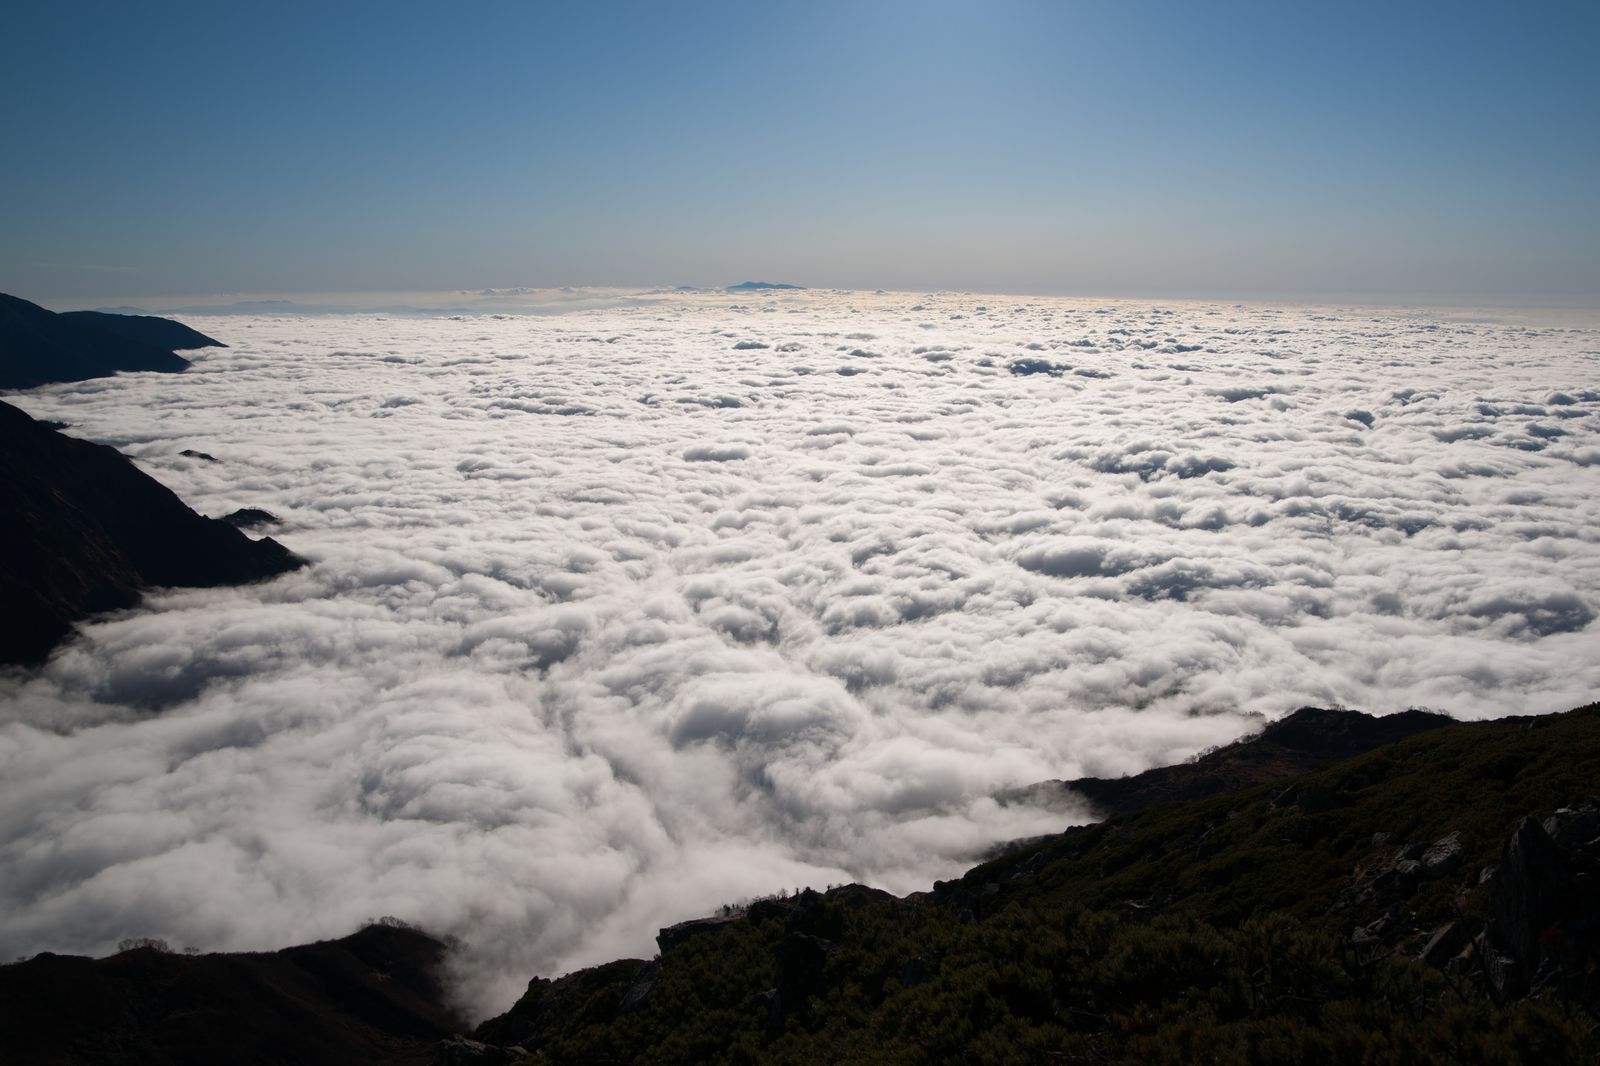 大観峰や室堂、天狗平、弥陀ヶ原といった高所で見られる「雲海」も楽しみの一つ。まるで夢の世界のような光景ですよね。